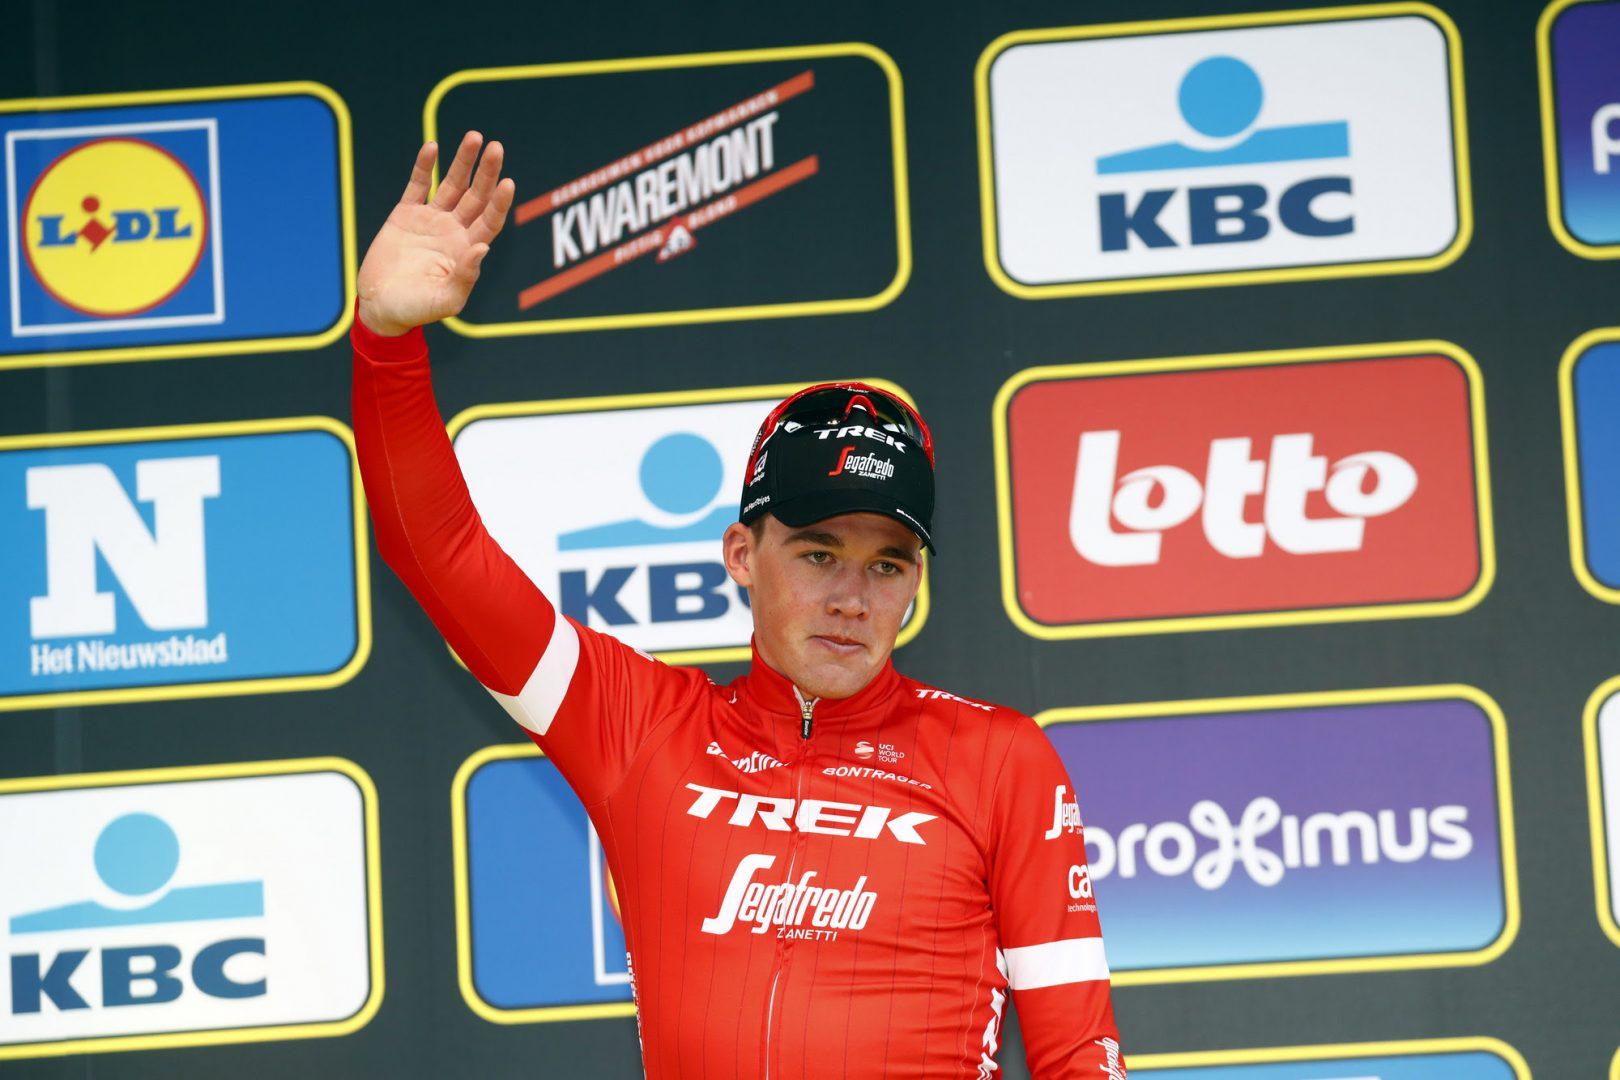 El joven danés, Mads Pedersen, ha ampliado su contrato con Trek Segafredo hasta 2020. (Foto: Luca Bettini/BettiniPhoto©2018)